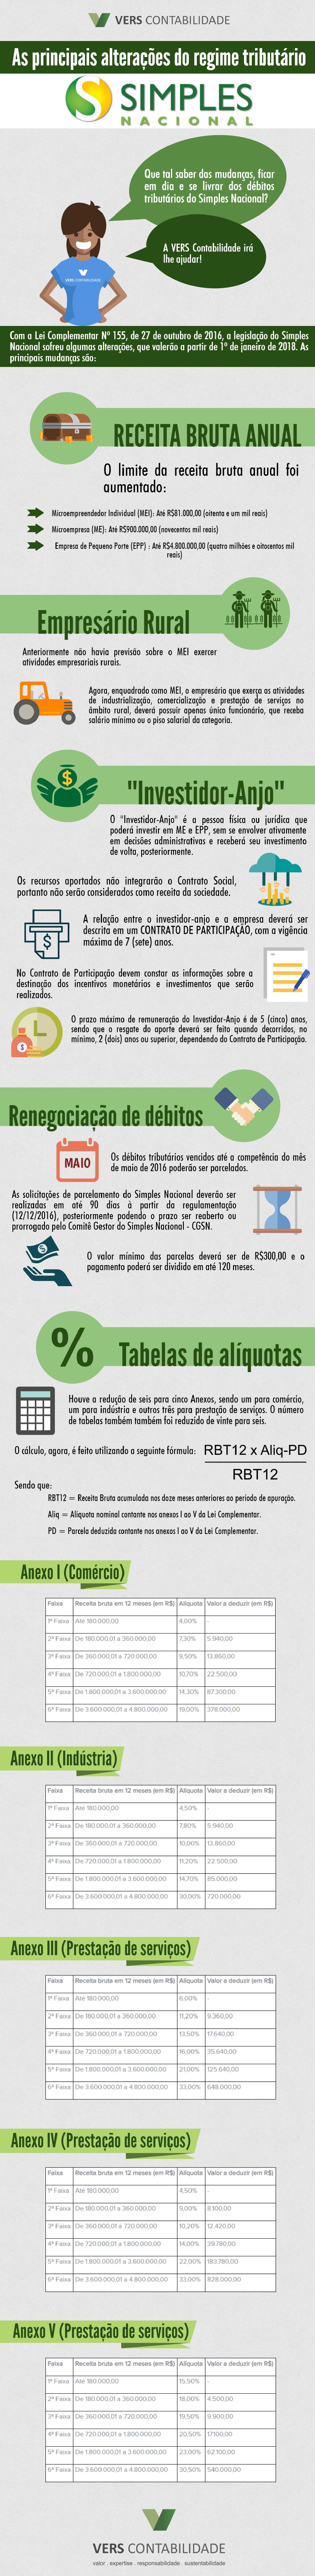 Infográfico - Principais mudanças do Simples Nacional - Locadoras